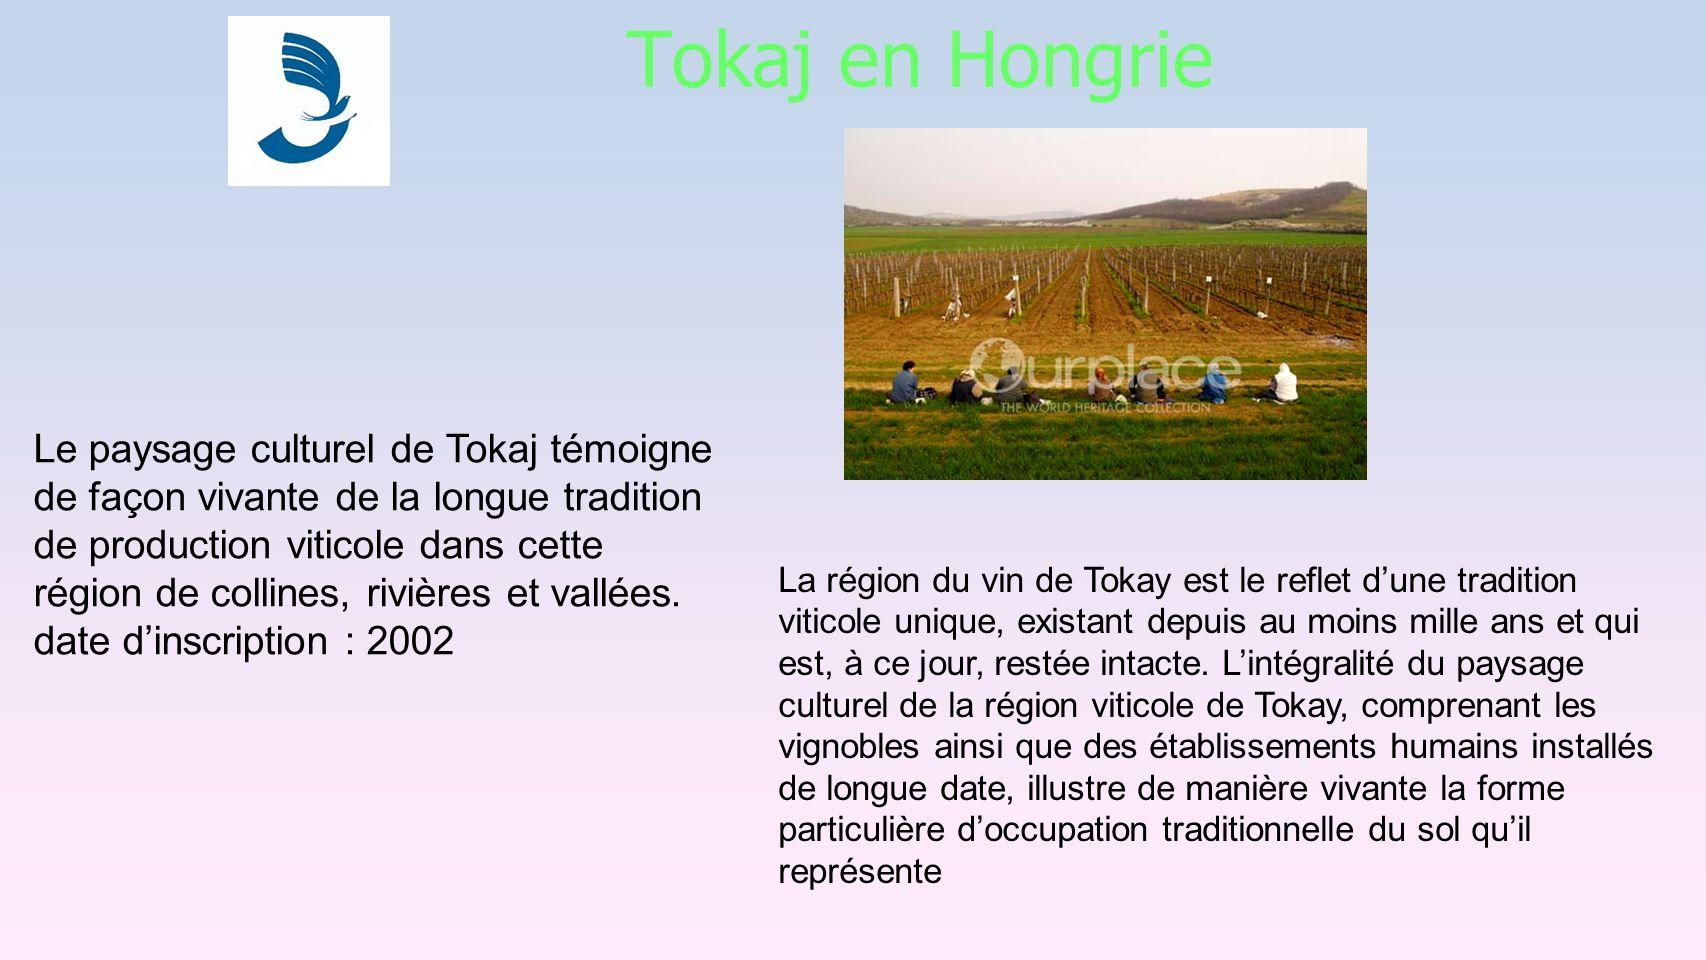 Le paysage culturel de Tokaj témoigne de façon vivante de la longue tradition de production viticole dans cette région de collines, rivières et vallées.